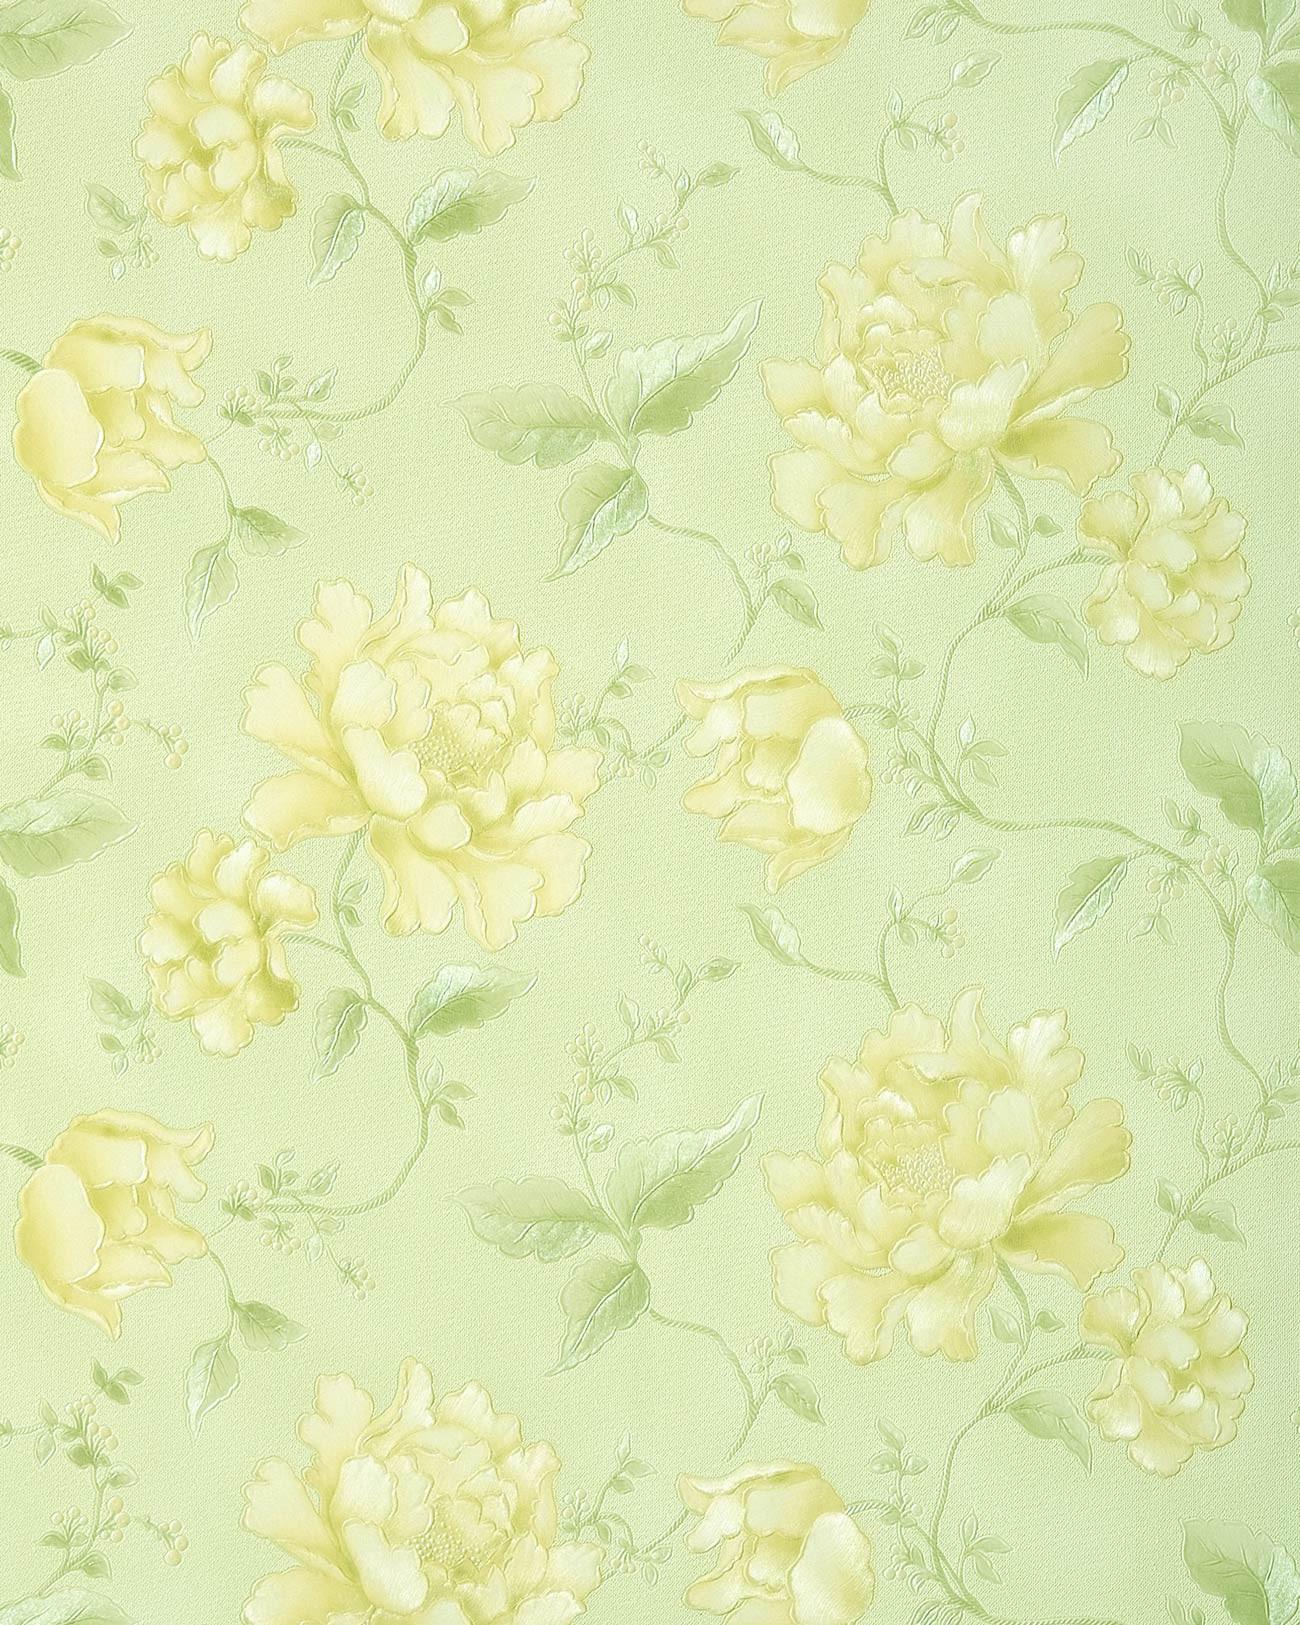 papier peint floral edem 748 38 avec effet 3d gaufr. Black Bedroom Furniture Sets. Home Design Ideas